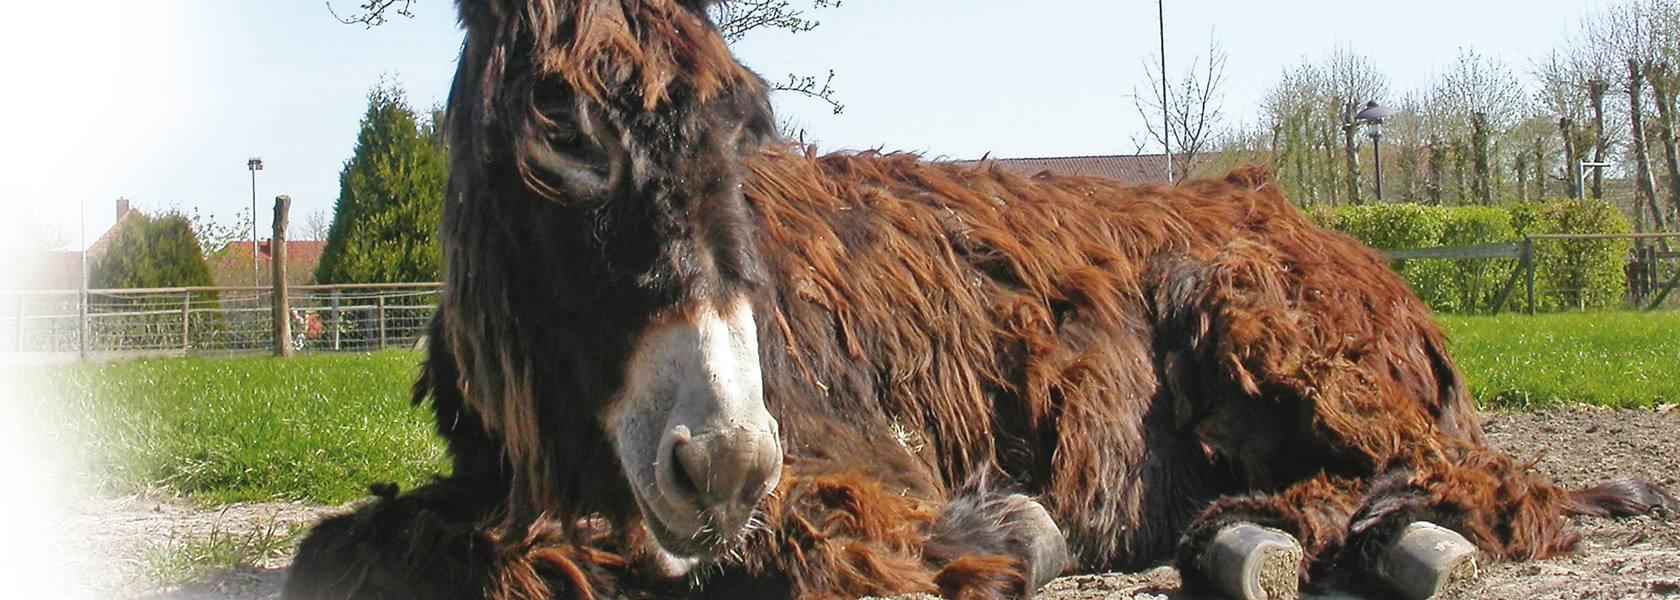 Esel im Haustierpark Werdum, © Heimat- und Verkehrsverein Werdum e.V.